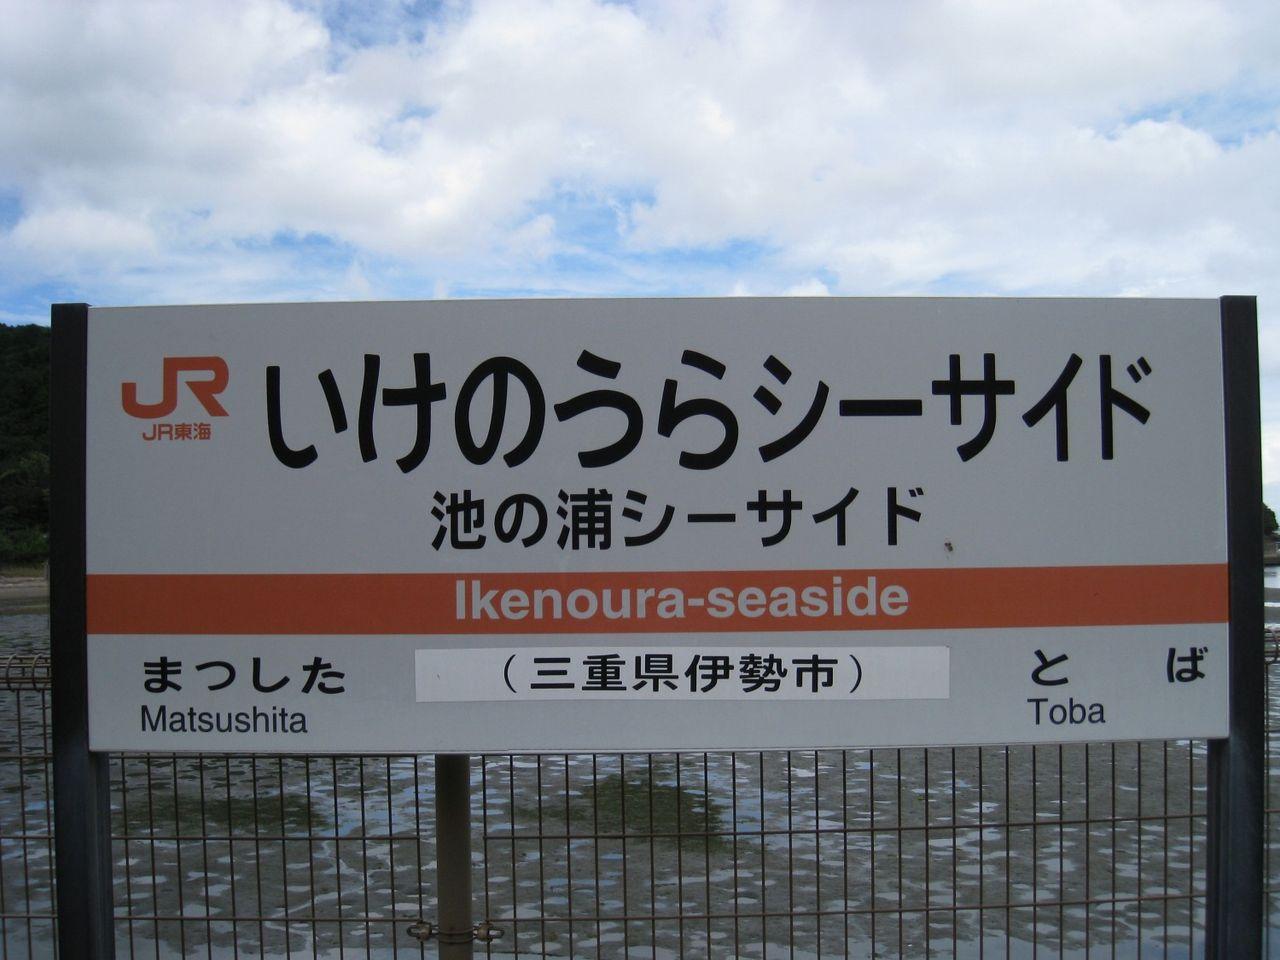 シーサイド 駅 池の浦 参宮線 (臨)池の浦シーサイド(廃止)